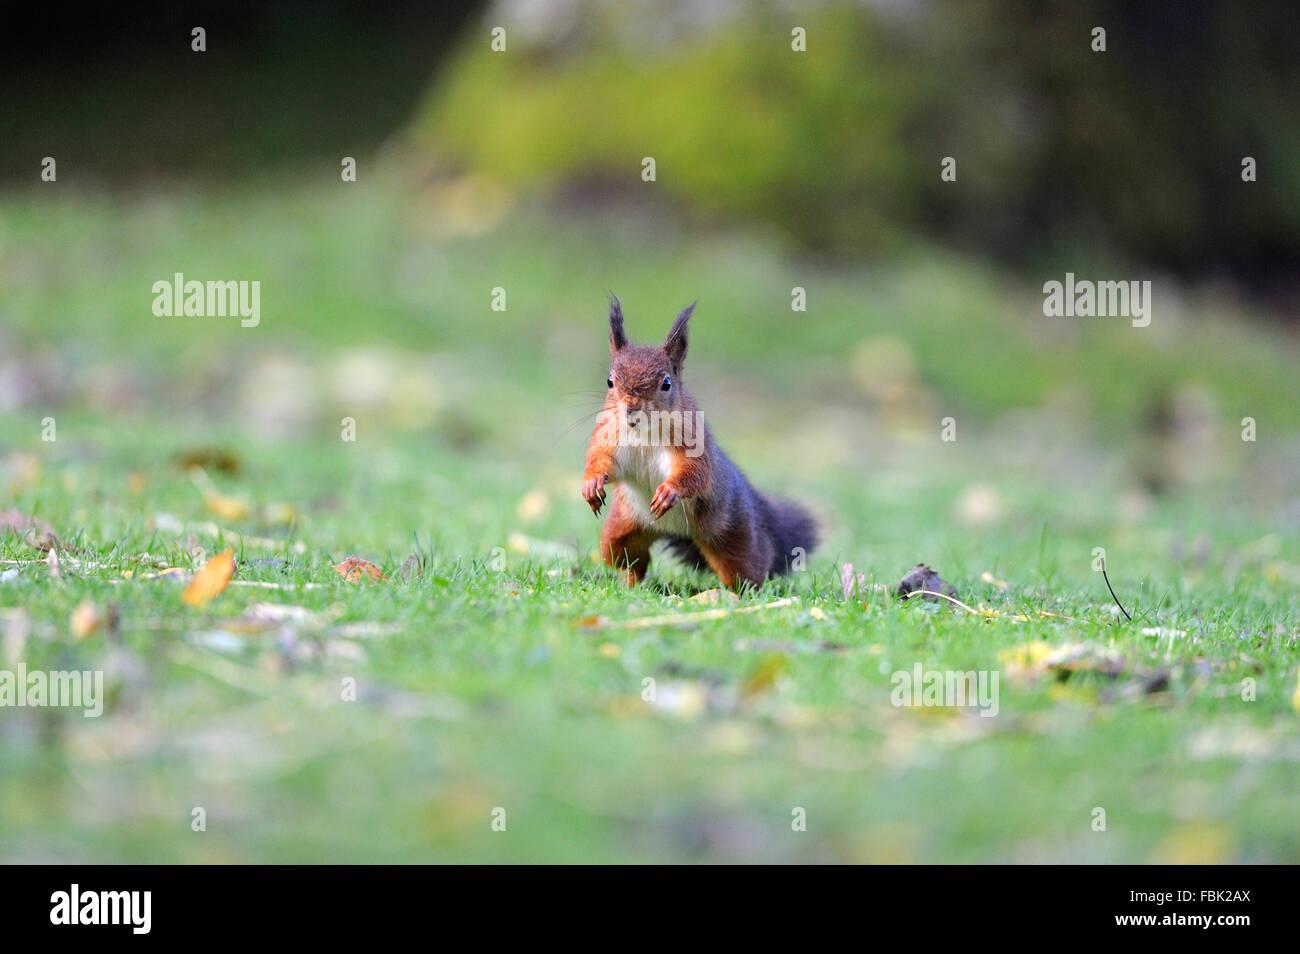 Eichhörnchen (Sciurus Vulgaris) Sprung nach vorn, auf der Wiese im Garten, im Newlands-Tal in der Nähe von Keswick, Stockfoto